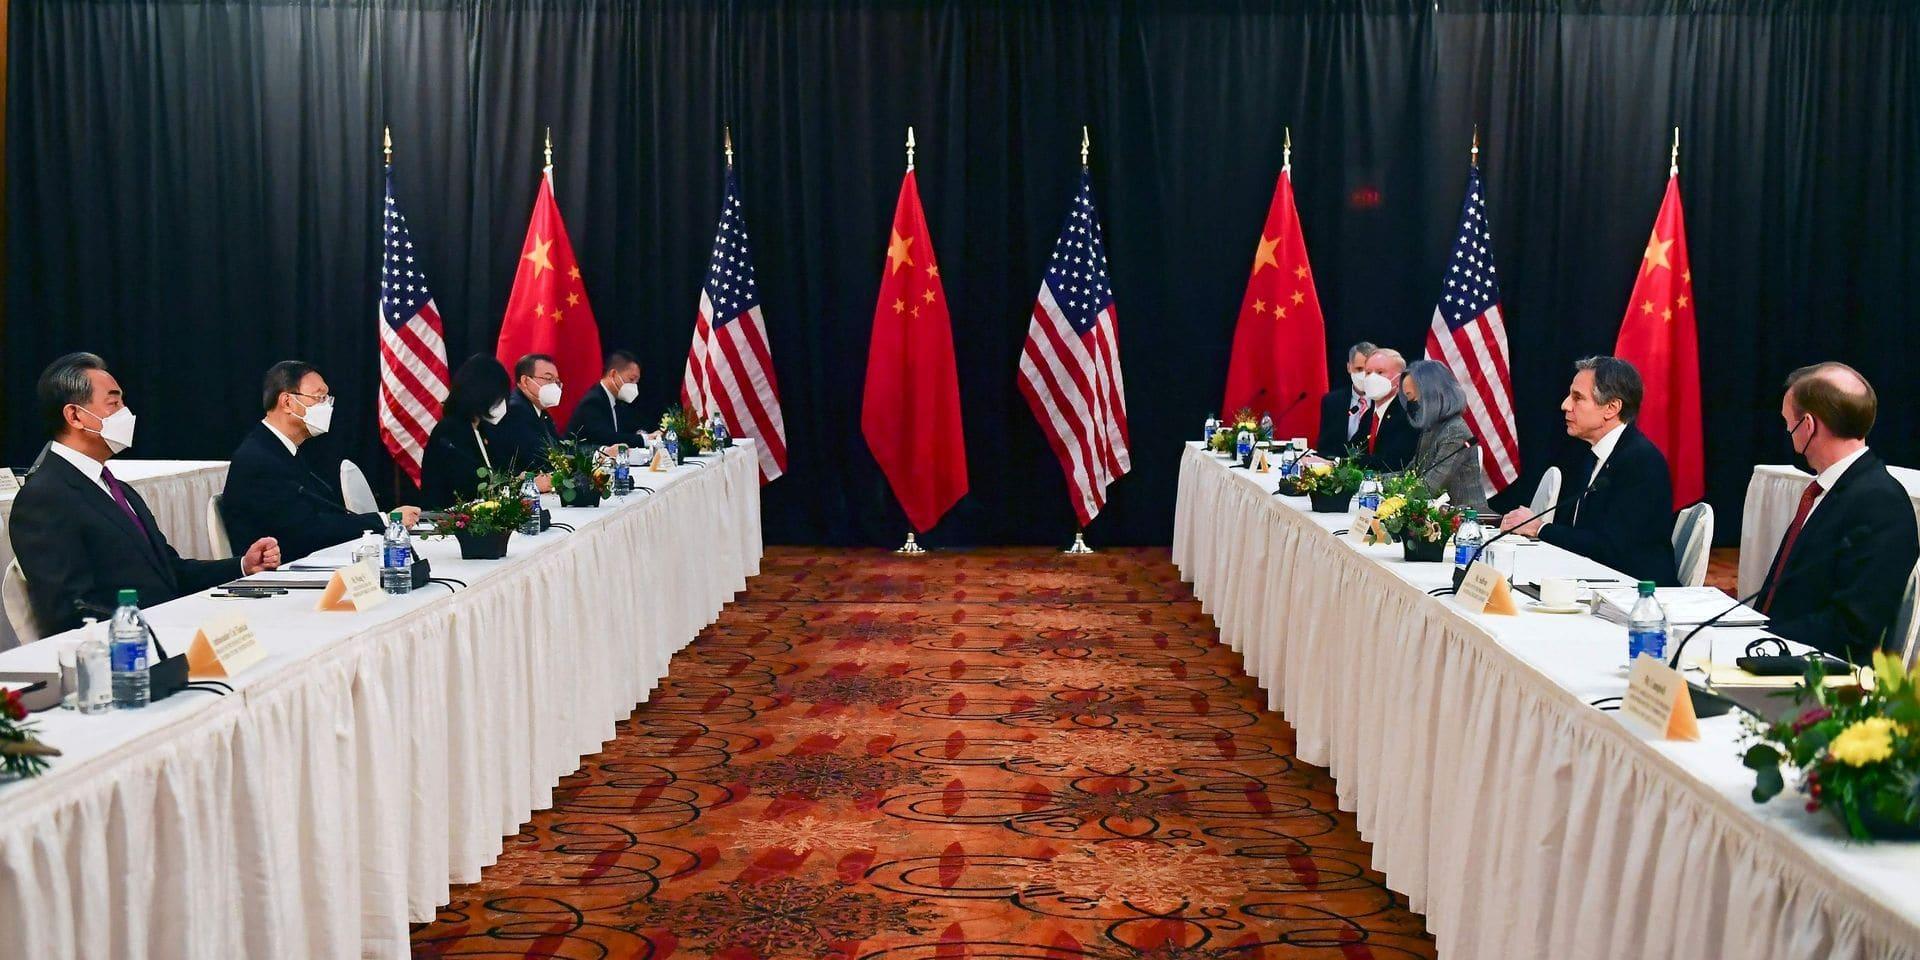 """Les USA évoquent une """"compétition rude"""" face à la Chine, qui répond par des menace de """"mesures fermes"""""""